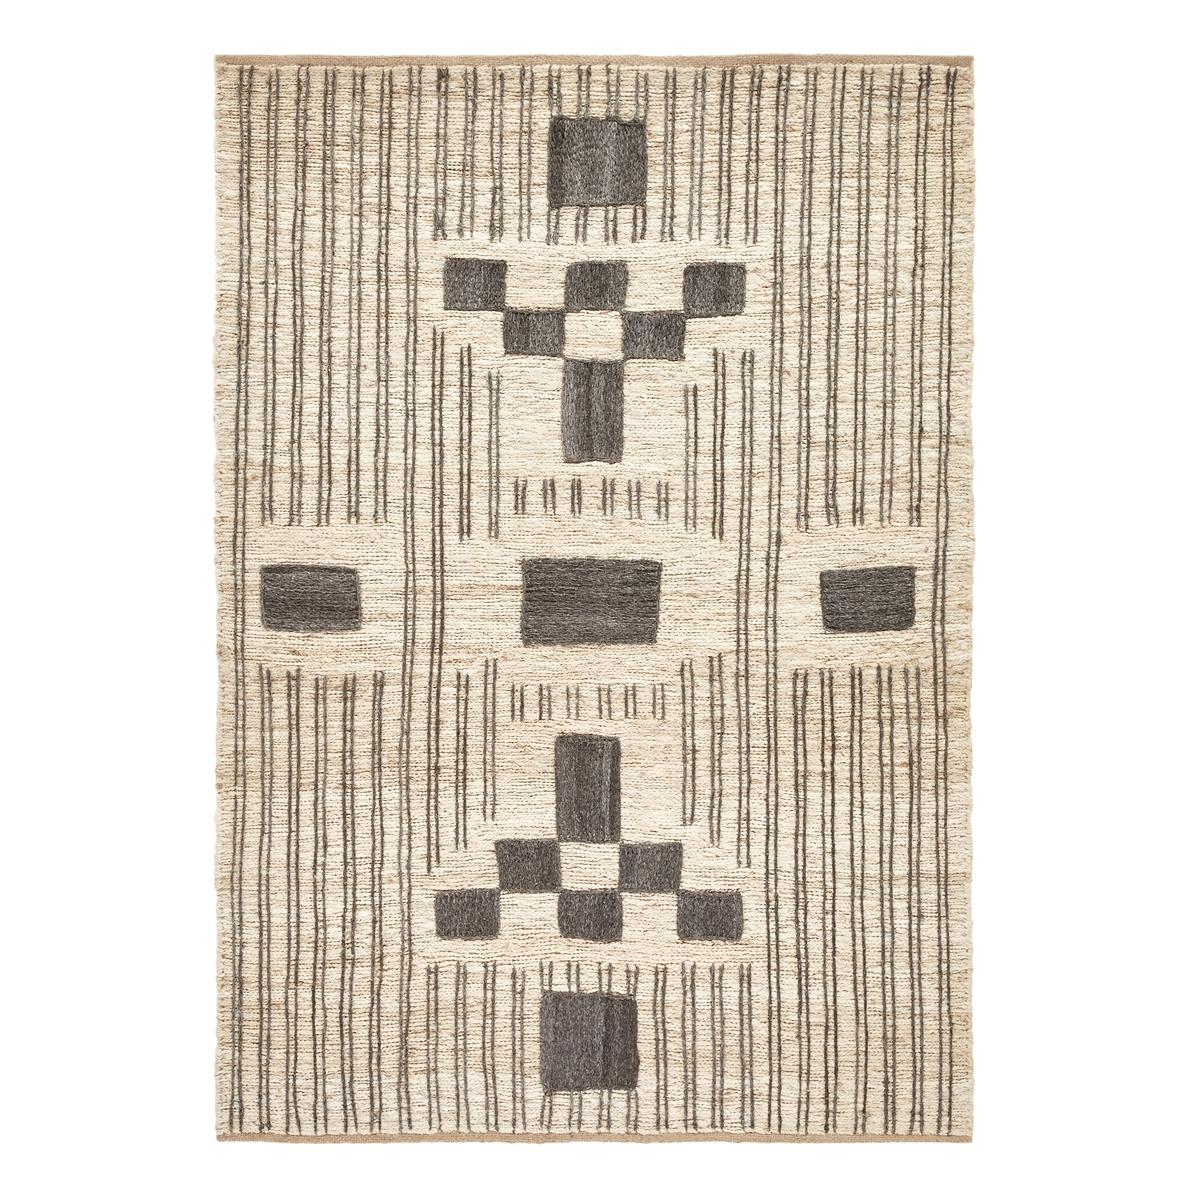 Ковер La Redoute Из джута Yenta 120 x 180 см бежевый ковер la redoute горизонтального плетения с рисунком цементная плитка iswik 120 x 170 см бежевый